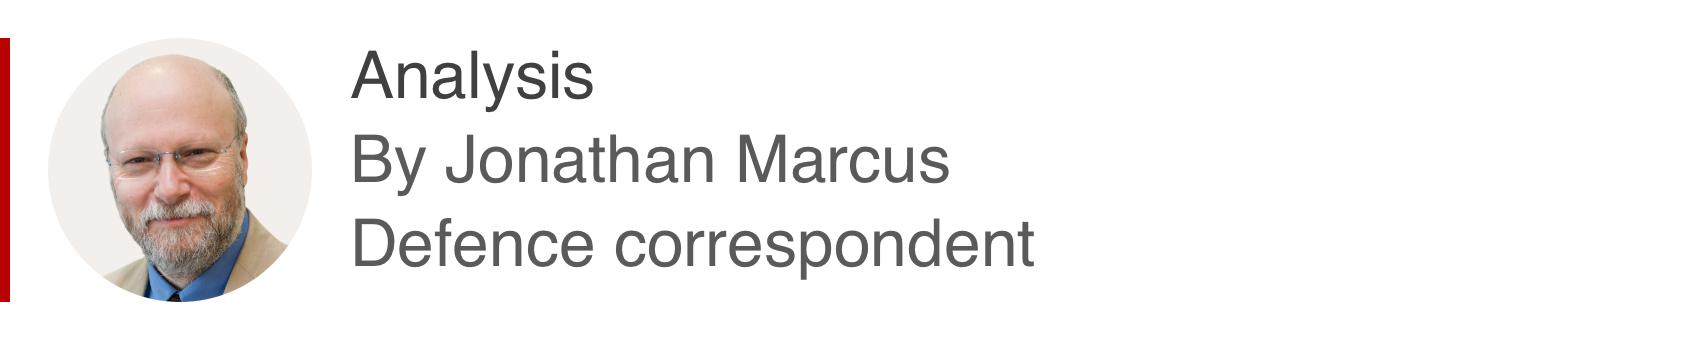 国防记者Jo<em></em>nathan Marcus的分析框